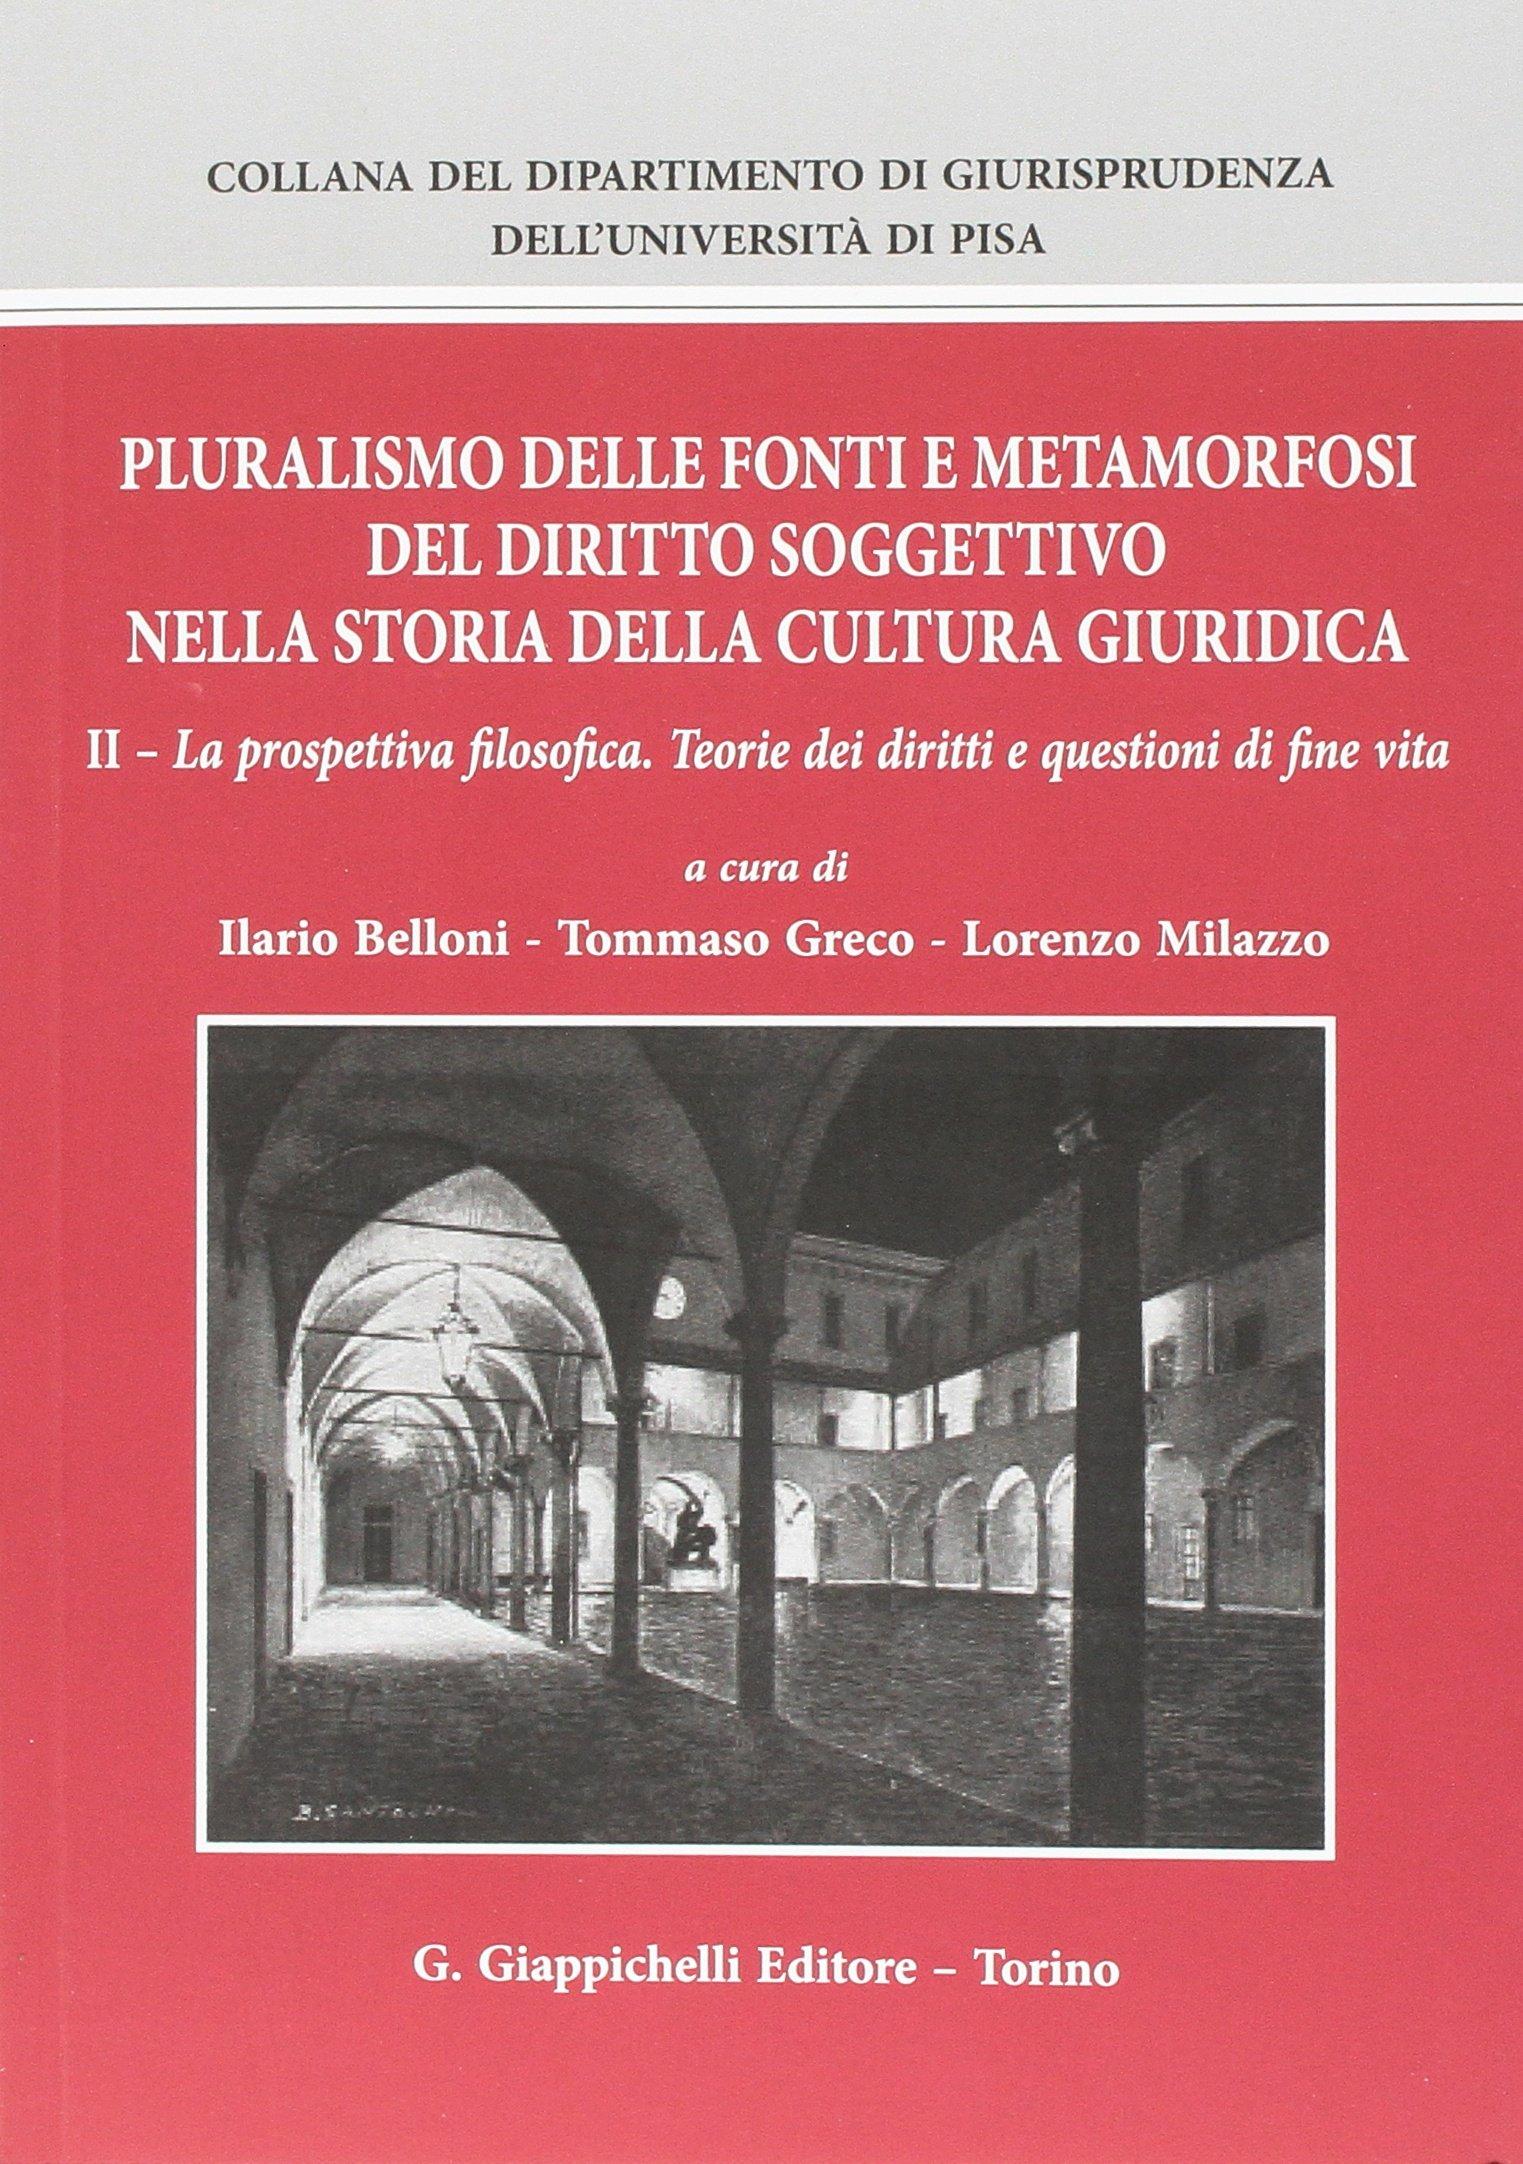 Pluralismo delle fonti e metamorfosi del diritto soggettivo nella storia della cultura giuridica: 2